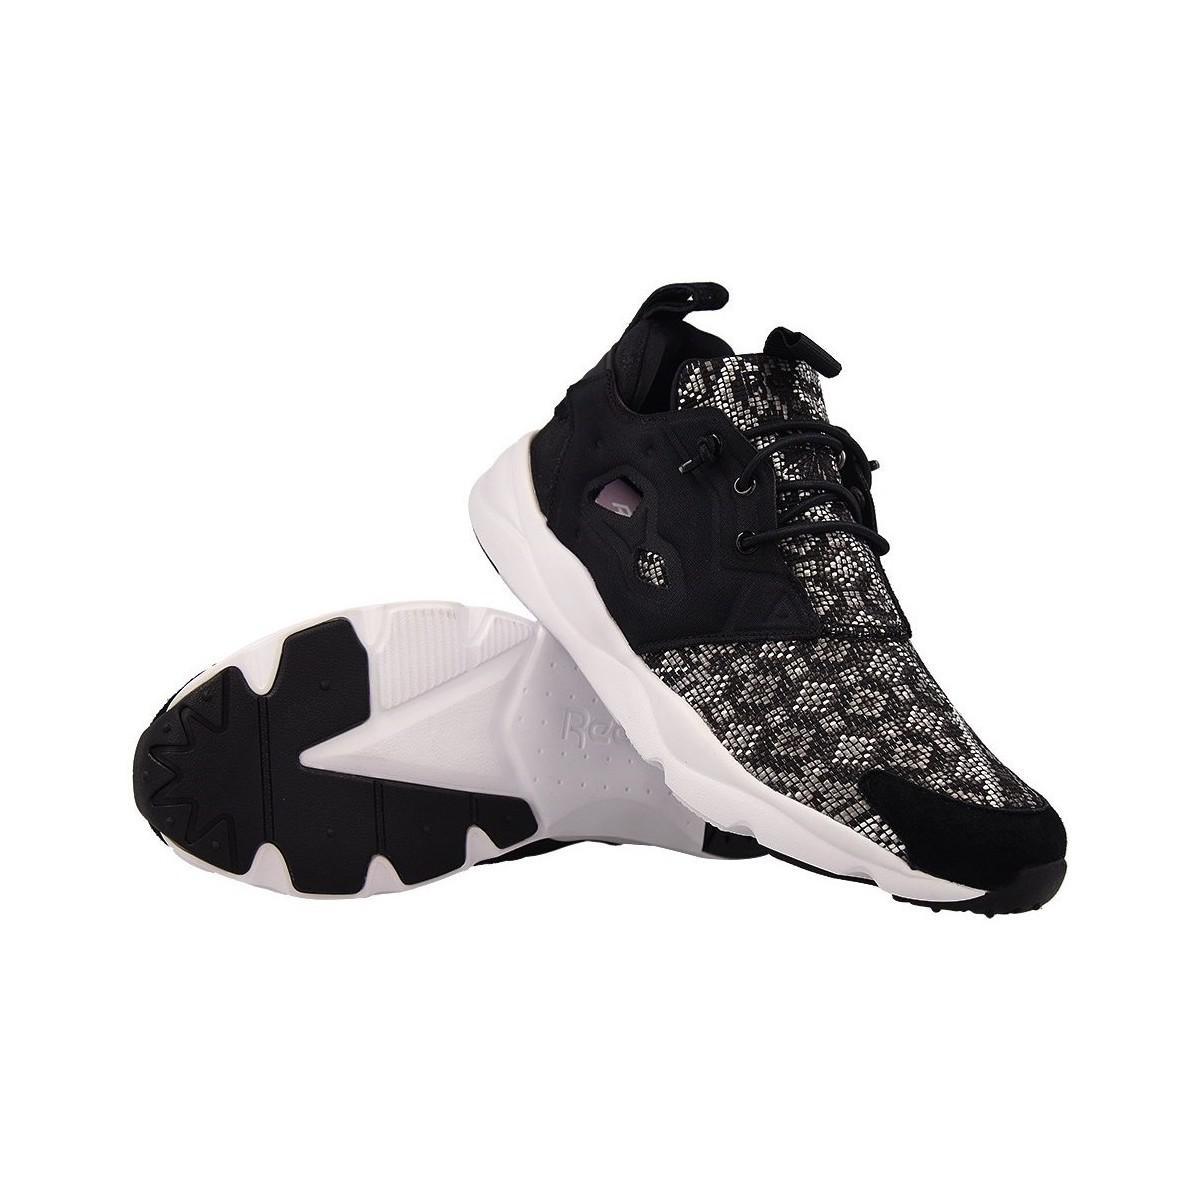 73cdfbd4766123 Reebok Furylite Gt Women s Shoes (trainers) In Grey in Gray - Lyst